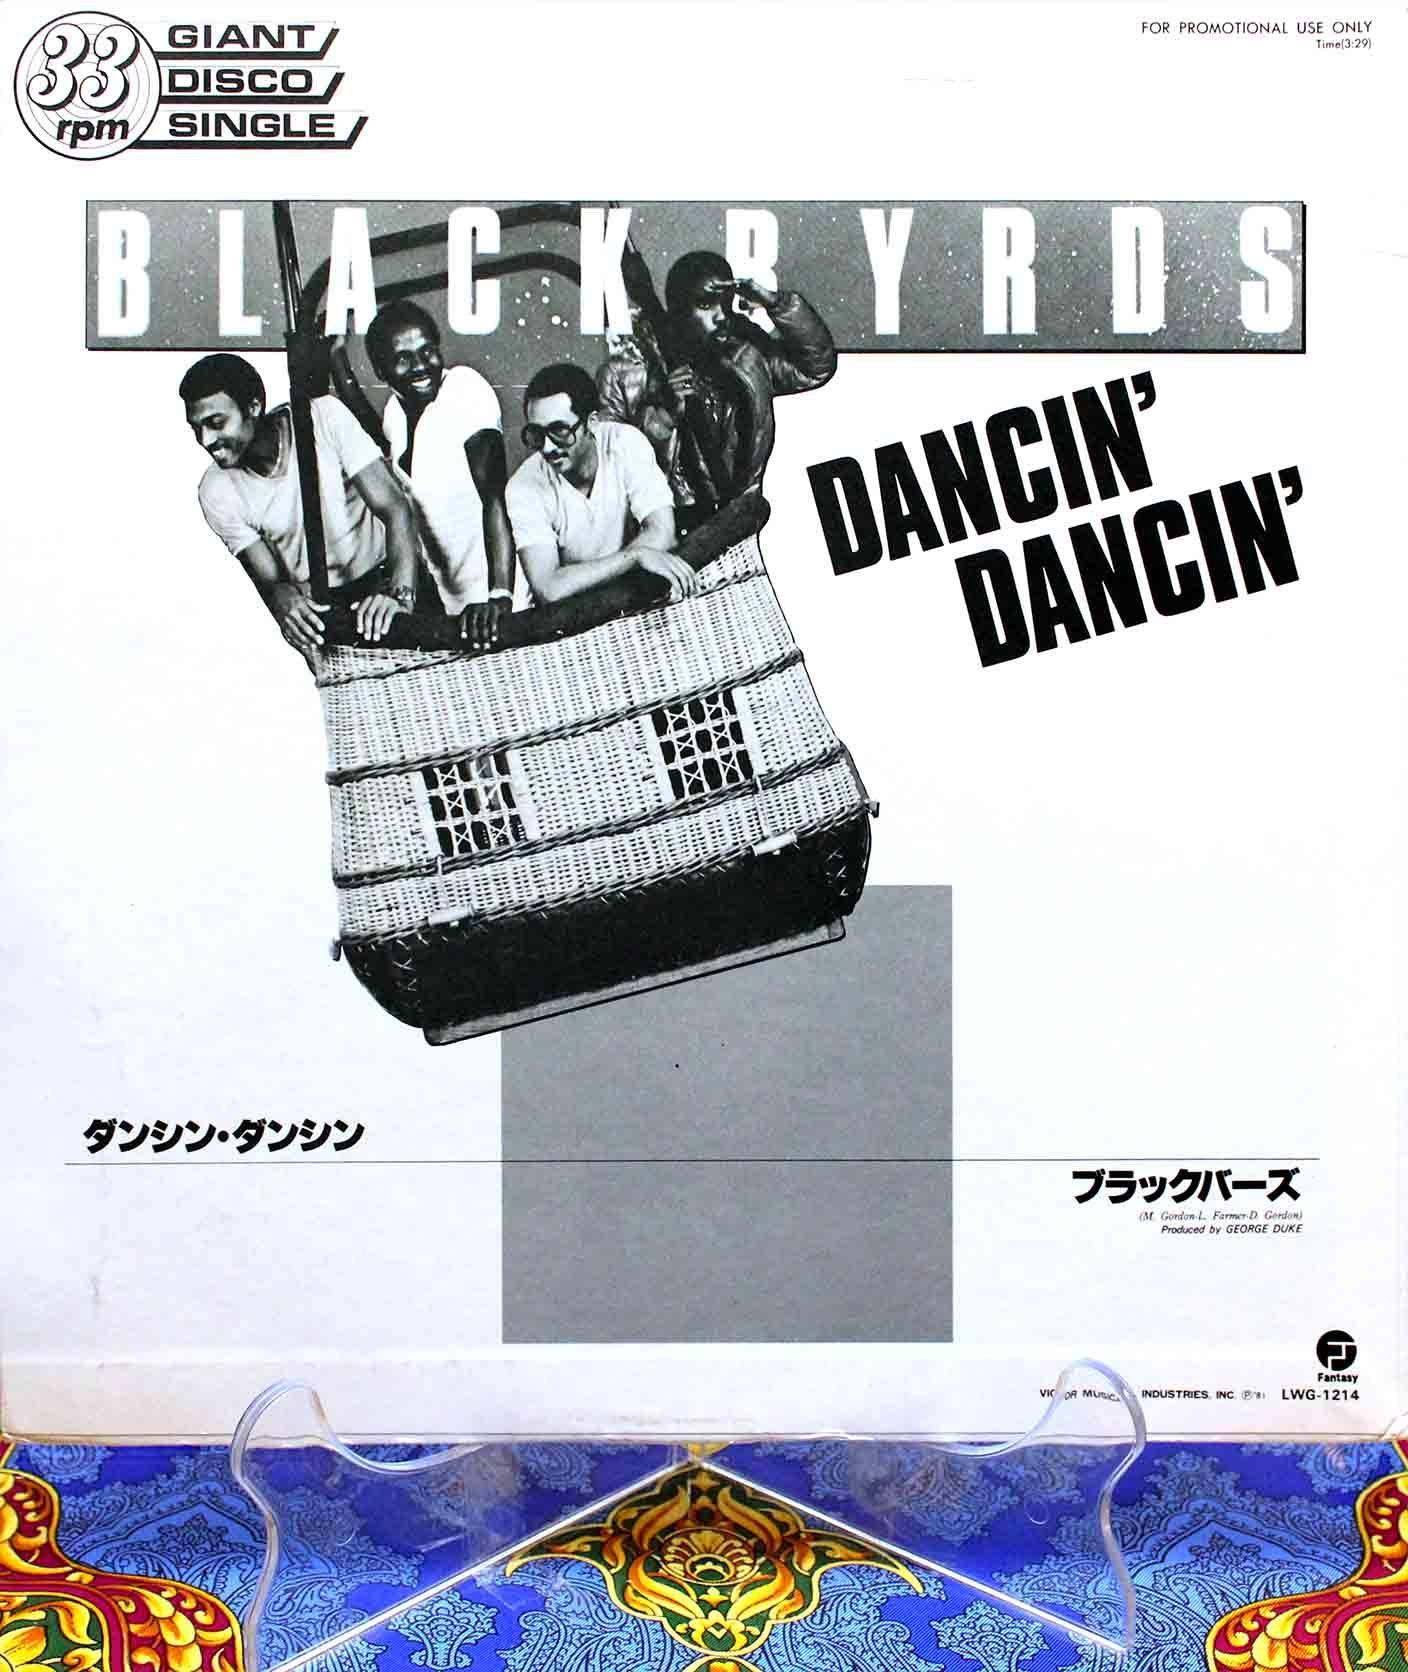 Blackbyrds – Dancin Dancin 01